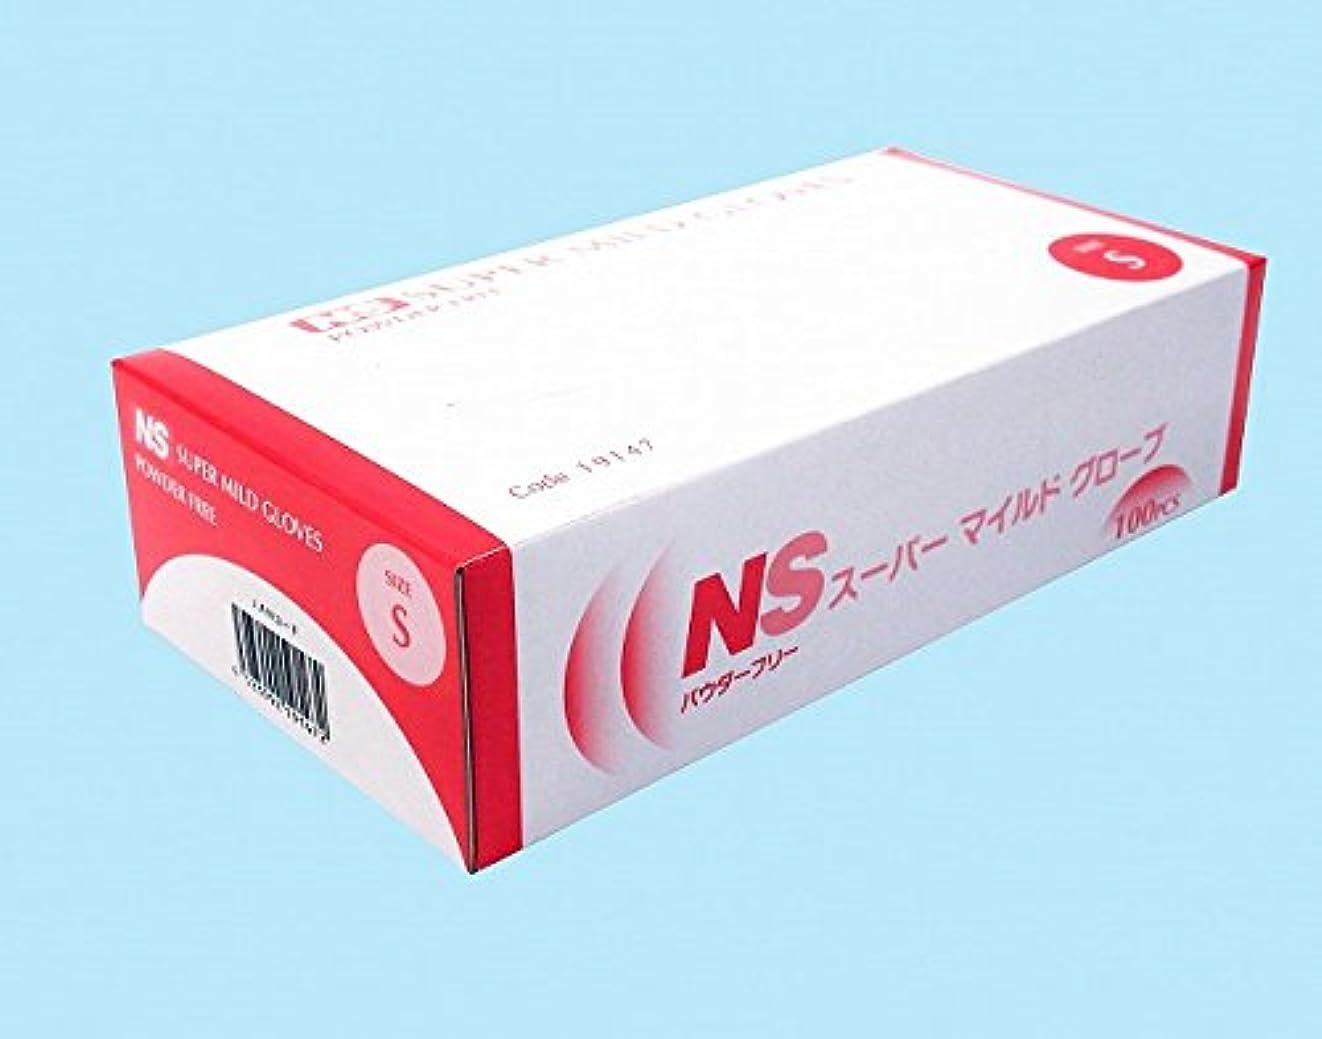 放課後ブースト領域【日昭産業】NS スーパーマイルド プラスチック手袋 パウダーフリー S 100枚*20箱入り (ケース販売)